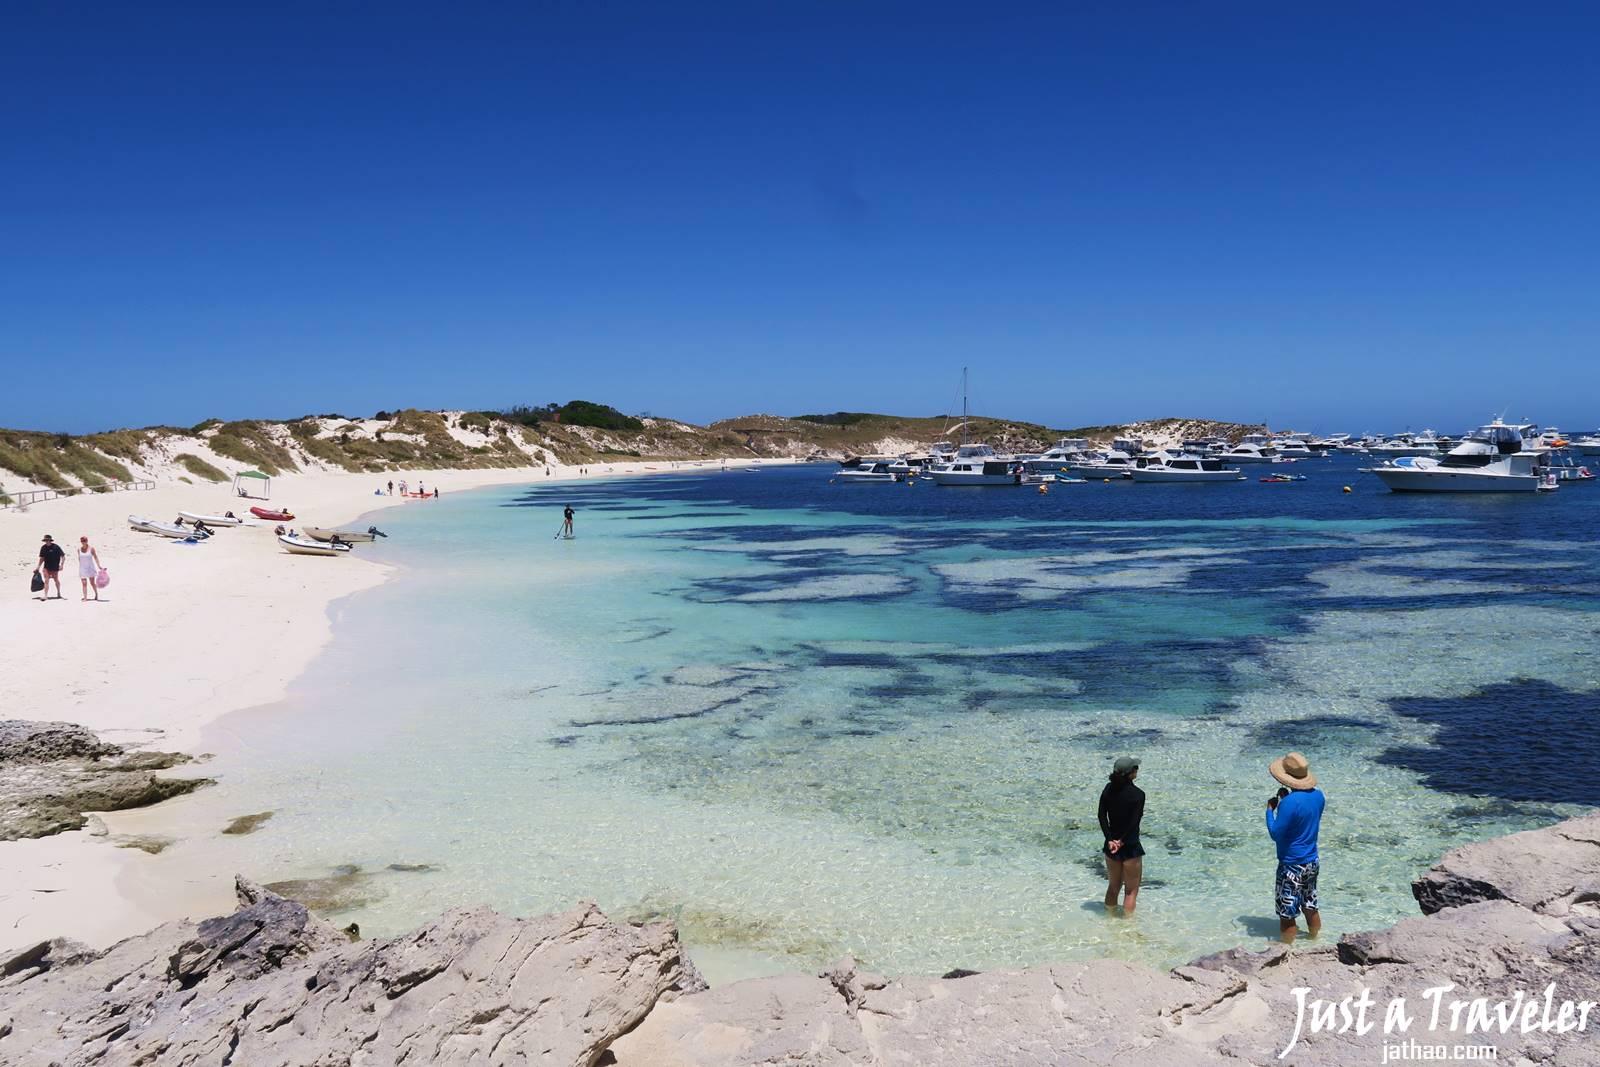 澳洲-西澳-伯斯-景點-羅特尼斯島-Rottnest Island-推薦-自由行-交通-旅遊-遊記-一日遊-二日遊-攻略-必玩-必遊-行程-Perth